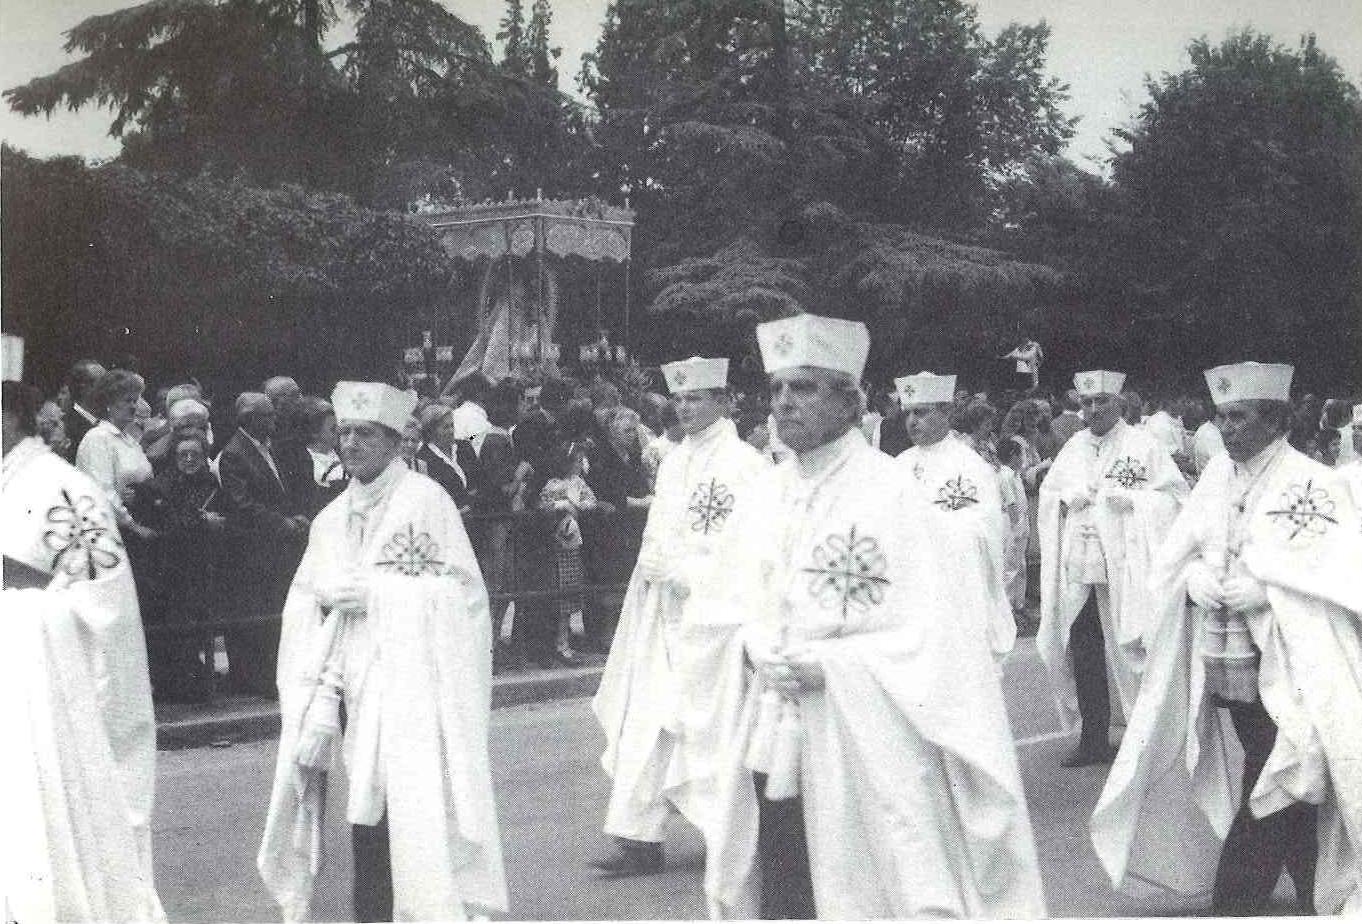 Los caballeros de las Ordenes Militares, tambien asistieron al pontifical con motivo del IX Centenario de la Virgen del Prado el 22 de mayo de 1988